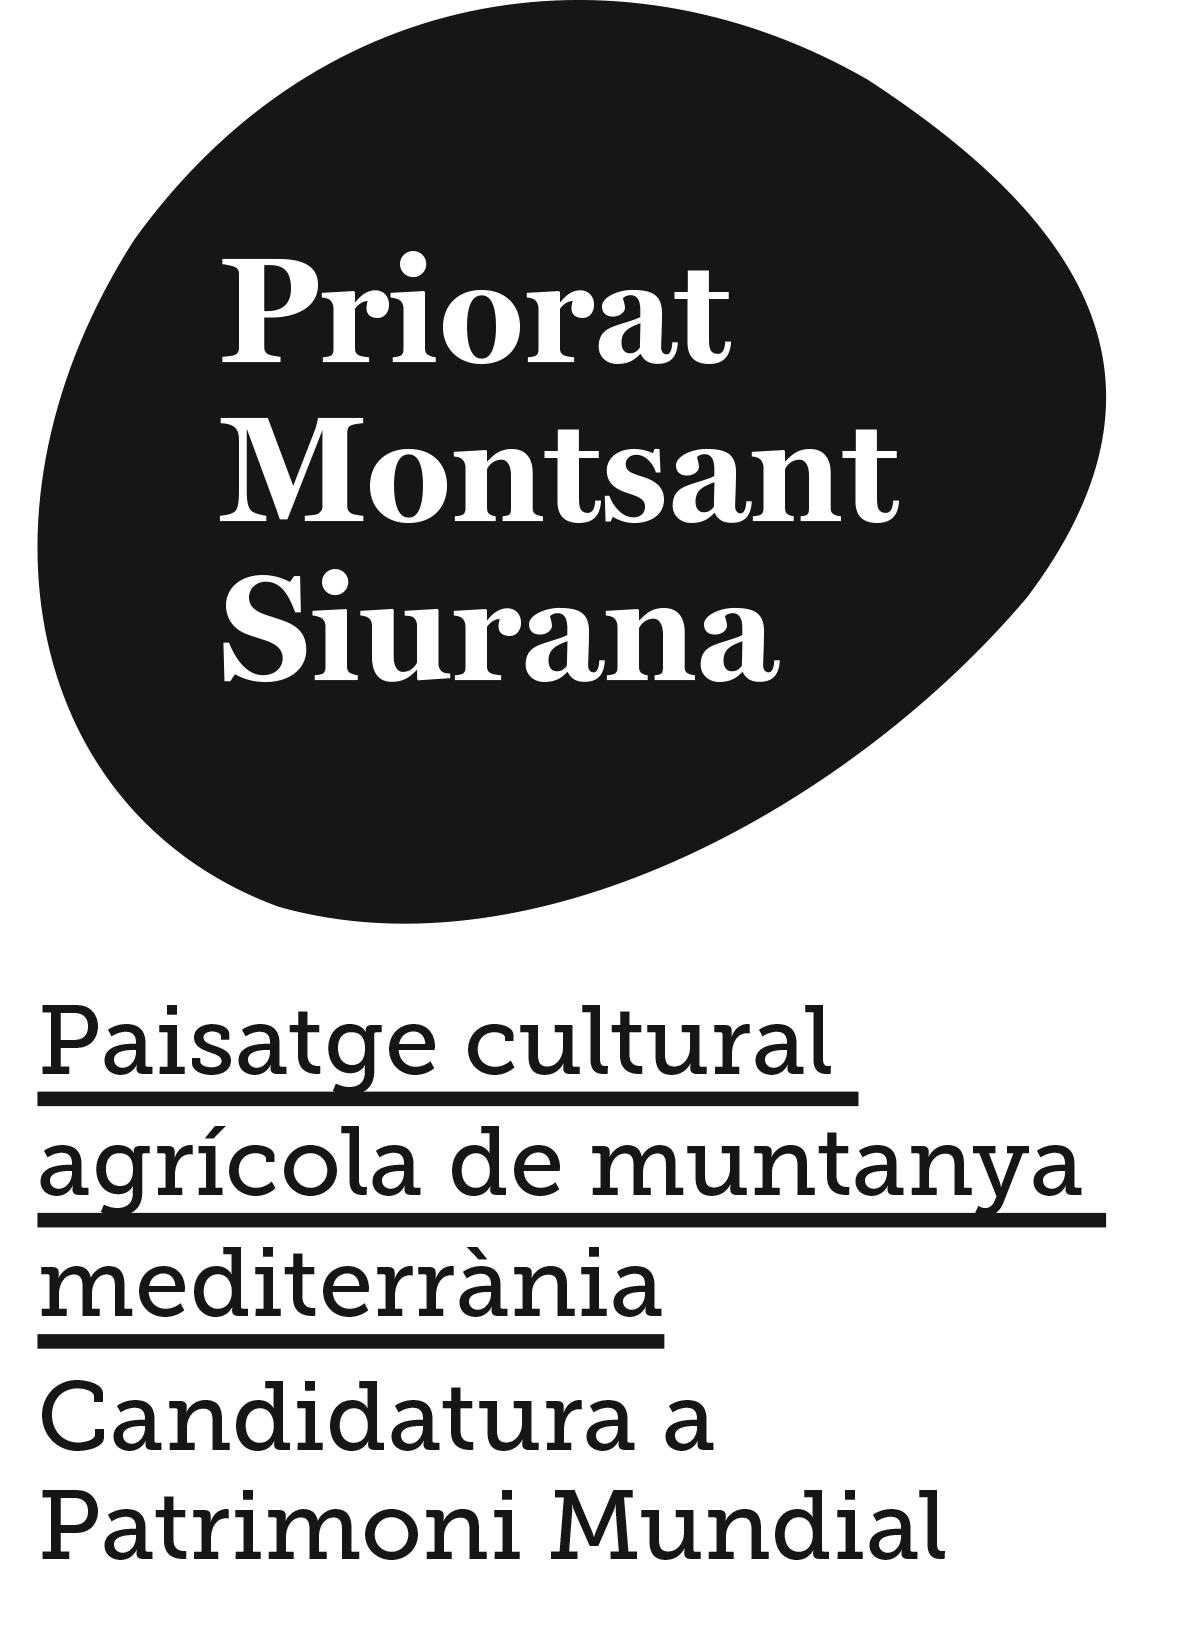 PRIORITAT, Candidatura a Patrimoni Mundial de la Unesco com a paisatge cultural agrícola de muntanya mediterrània